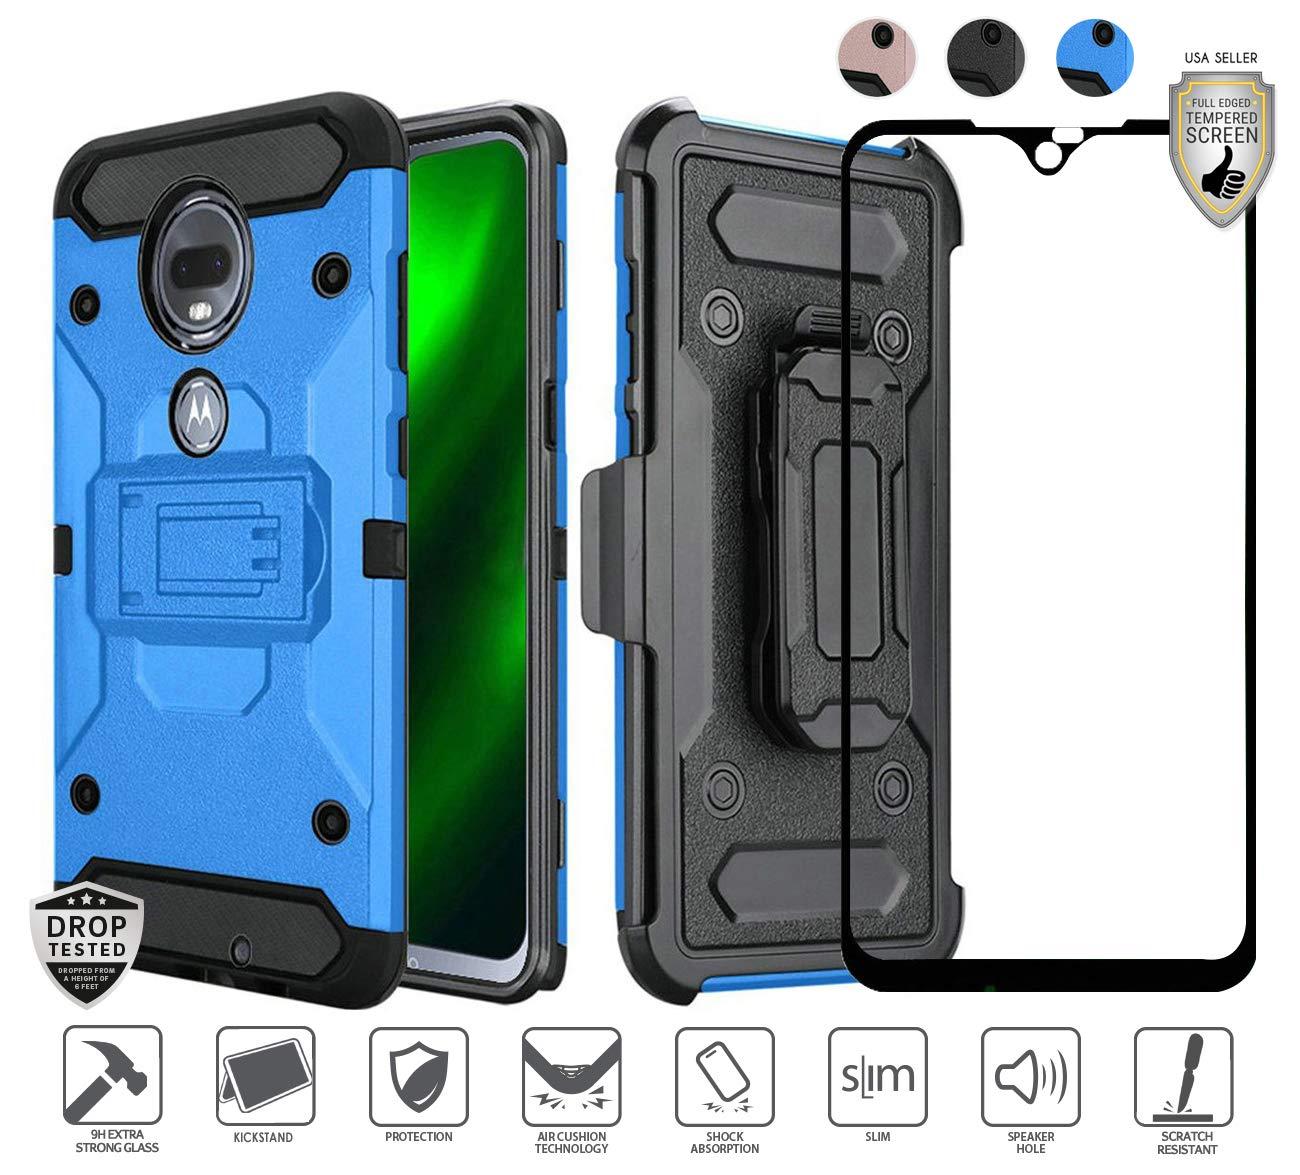 Funda para Moto G7 MY FAV CELL (7QJD7J3B)